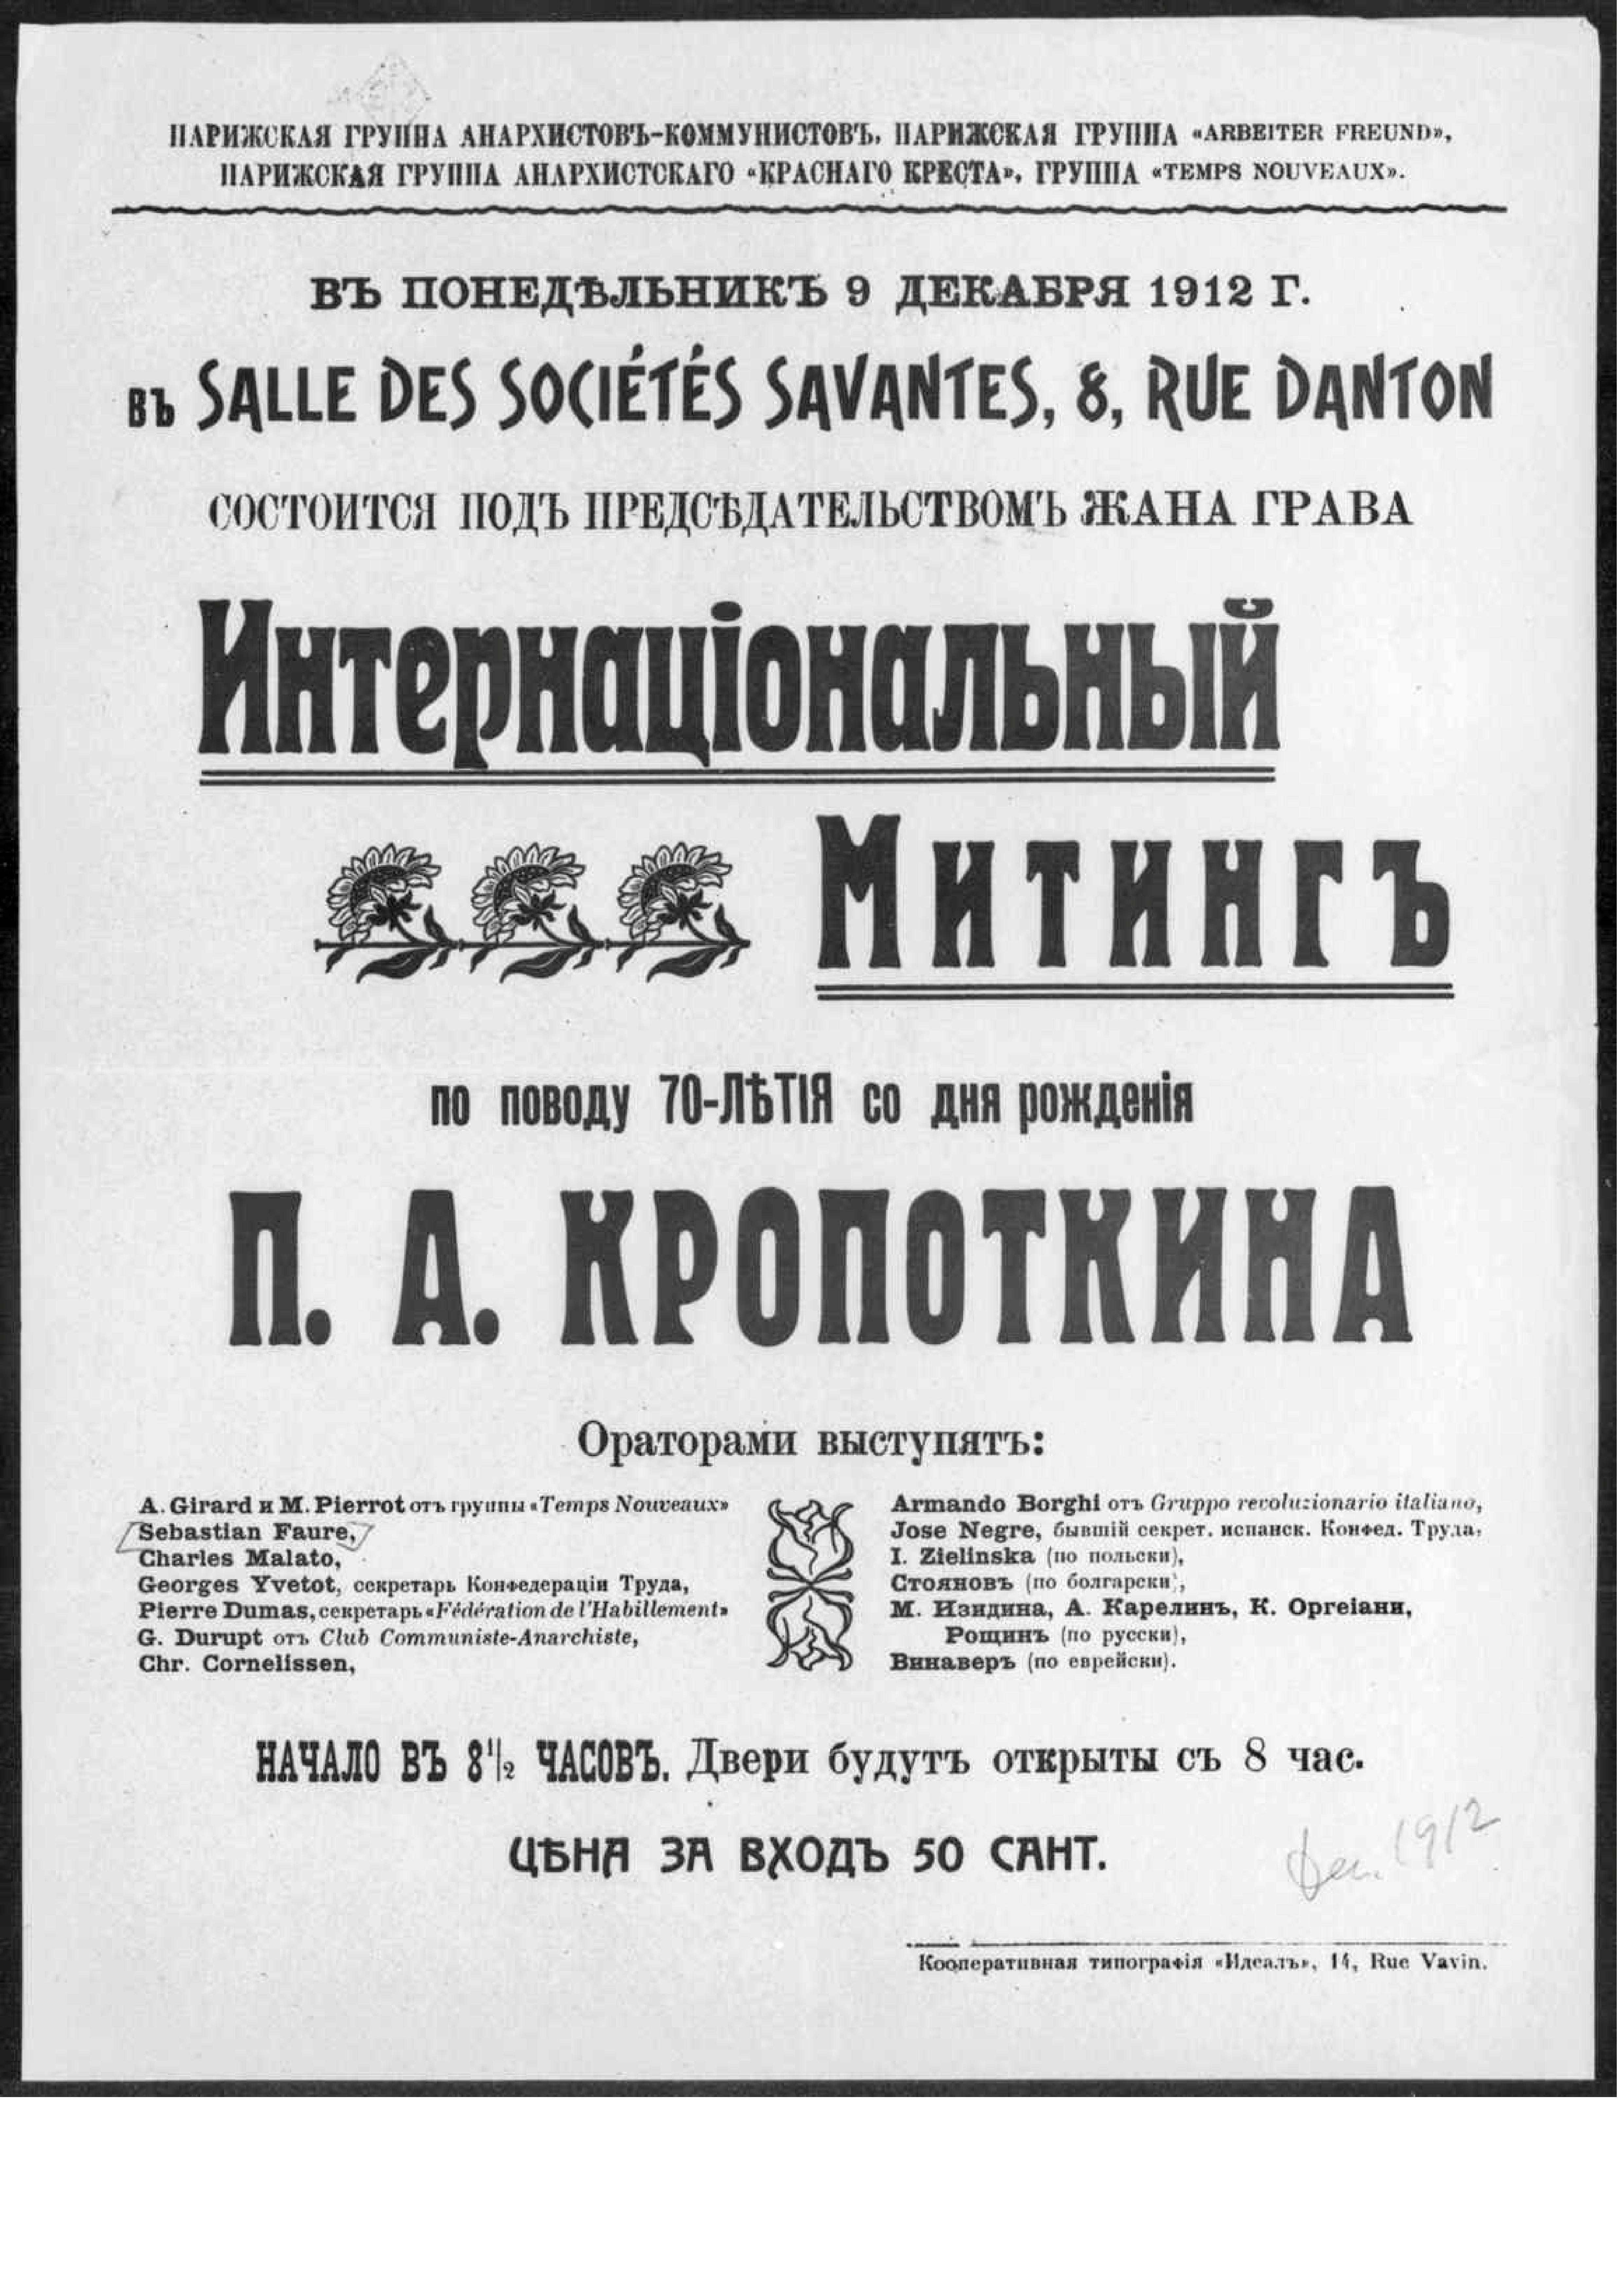 Афиша митинга посвященного 70-летию П.А.Кропоткина в Париже